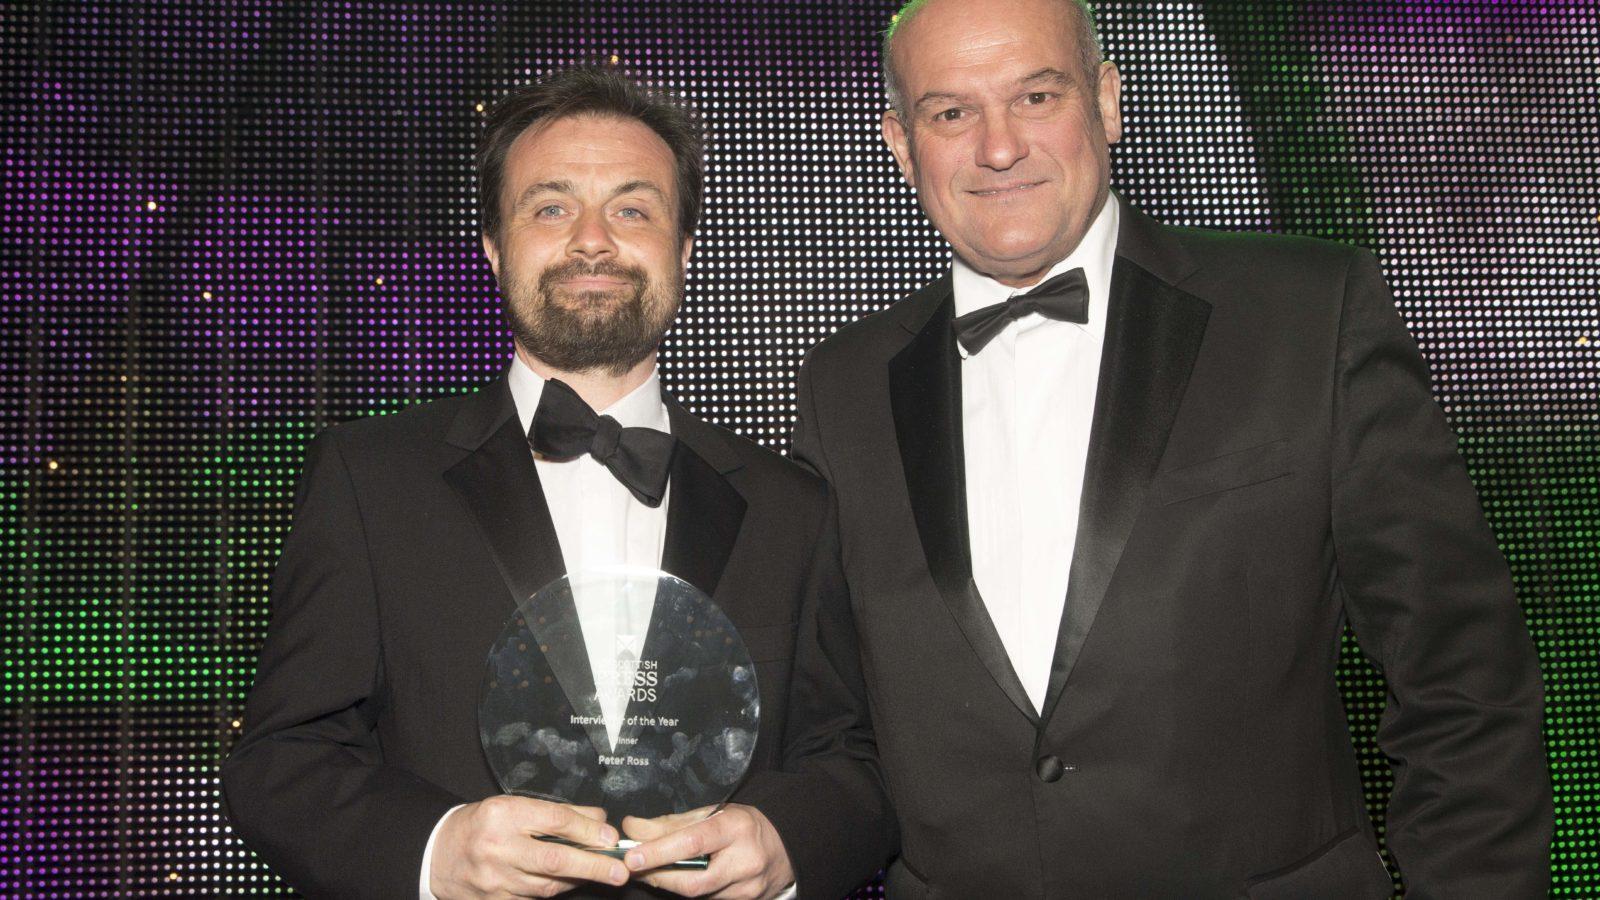 Interviewer of the Year Winner Peter Ross